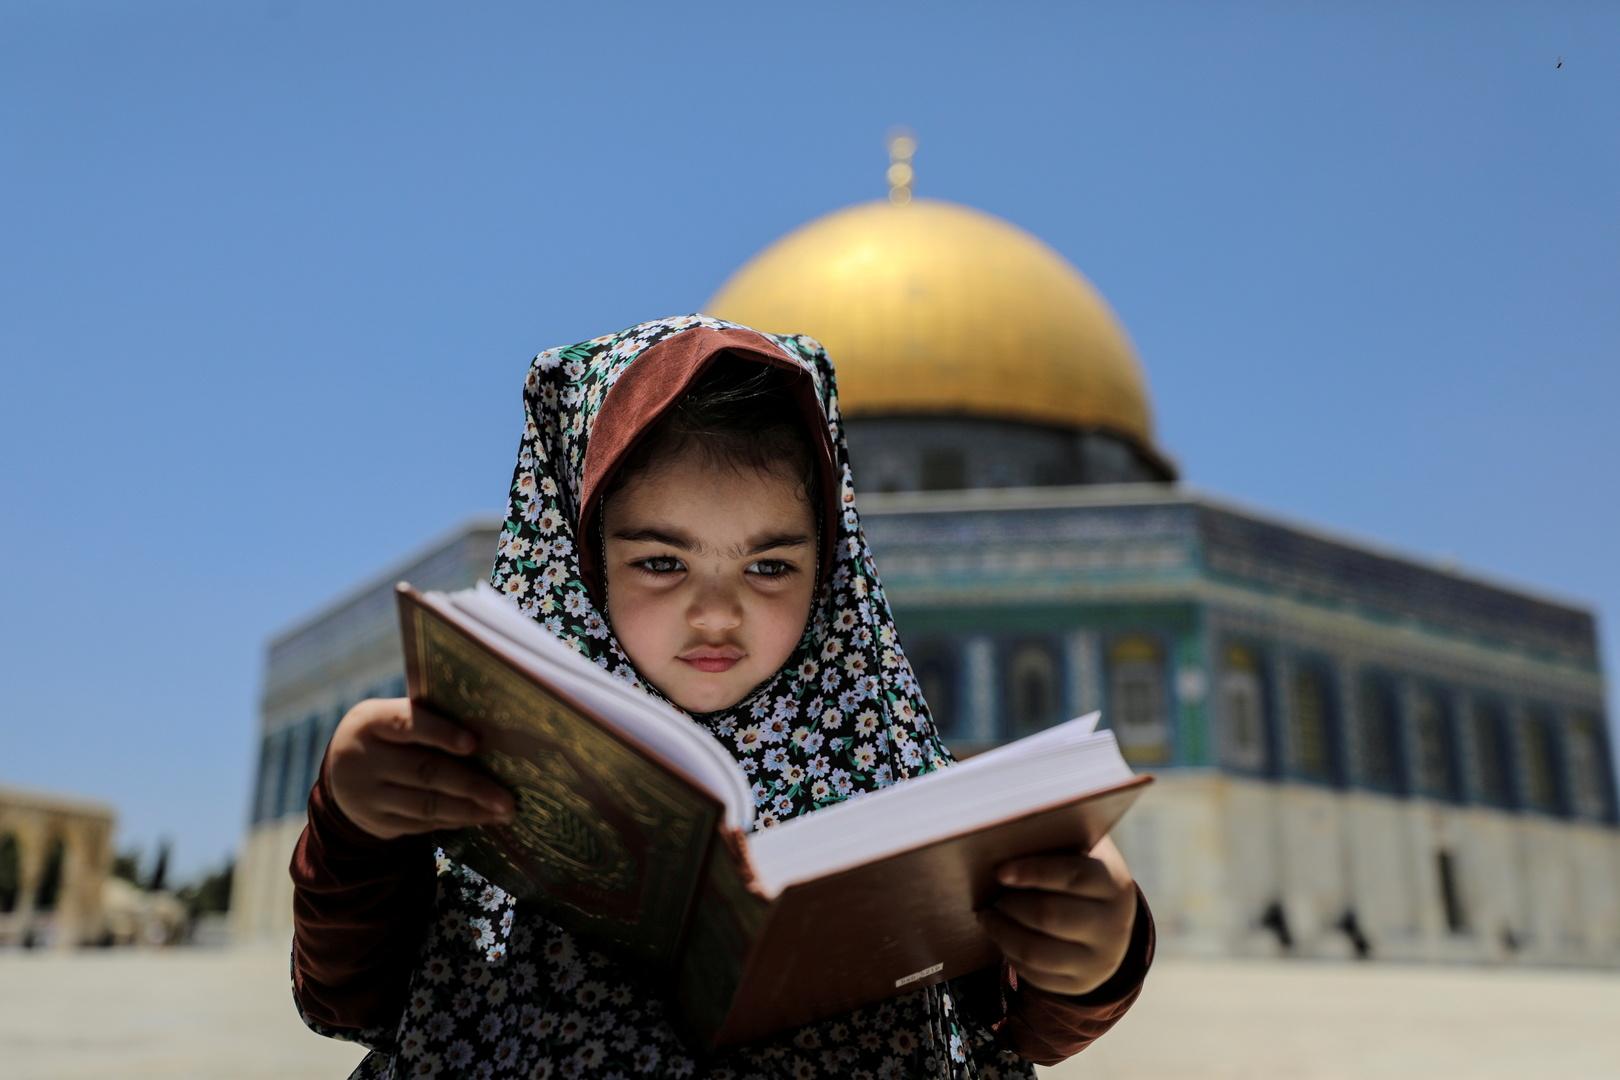 أكثر من مئة ألف مصل يؤدون صلاة عيد الأضحى بالمسجد الأقصى (فيديو)